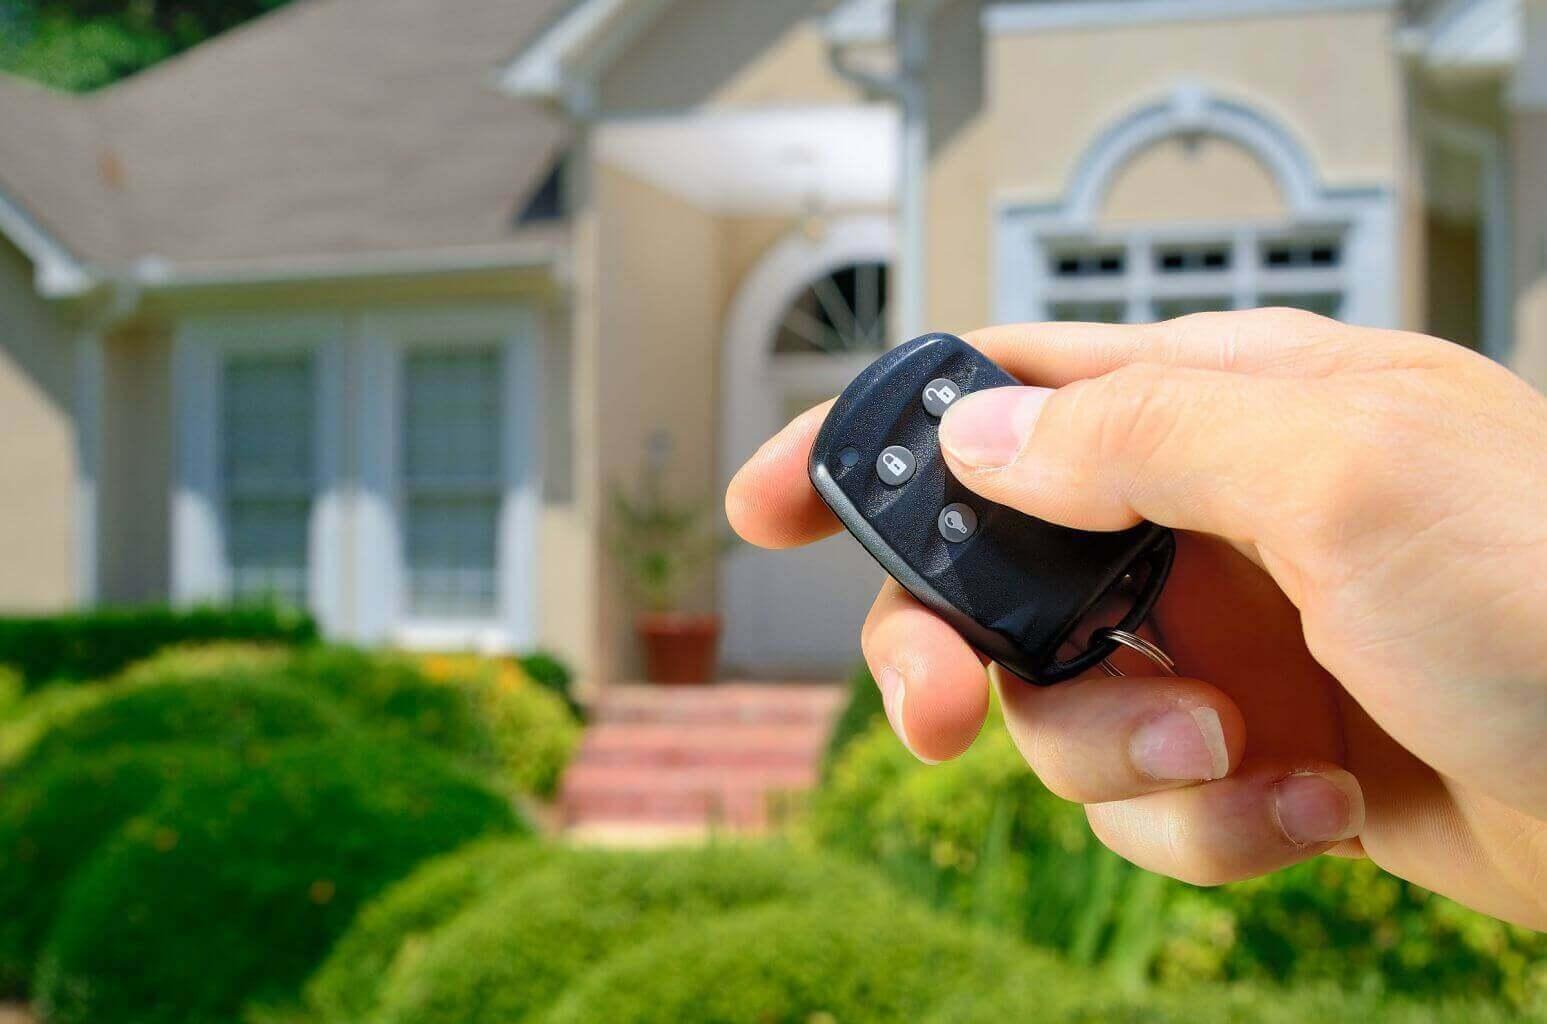 сигнализация для частного дома как выбрать сигнализацию коттеджа